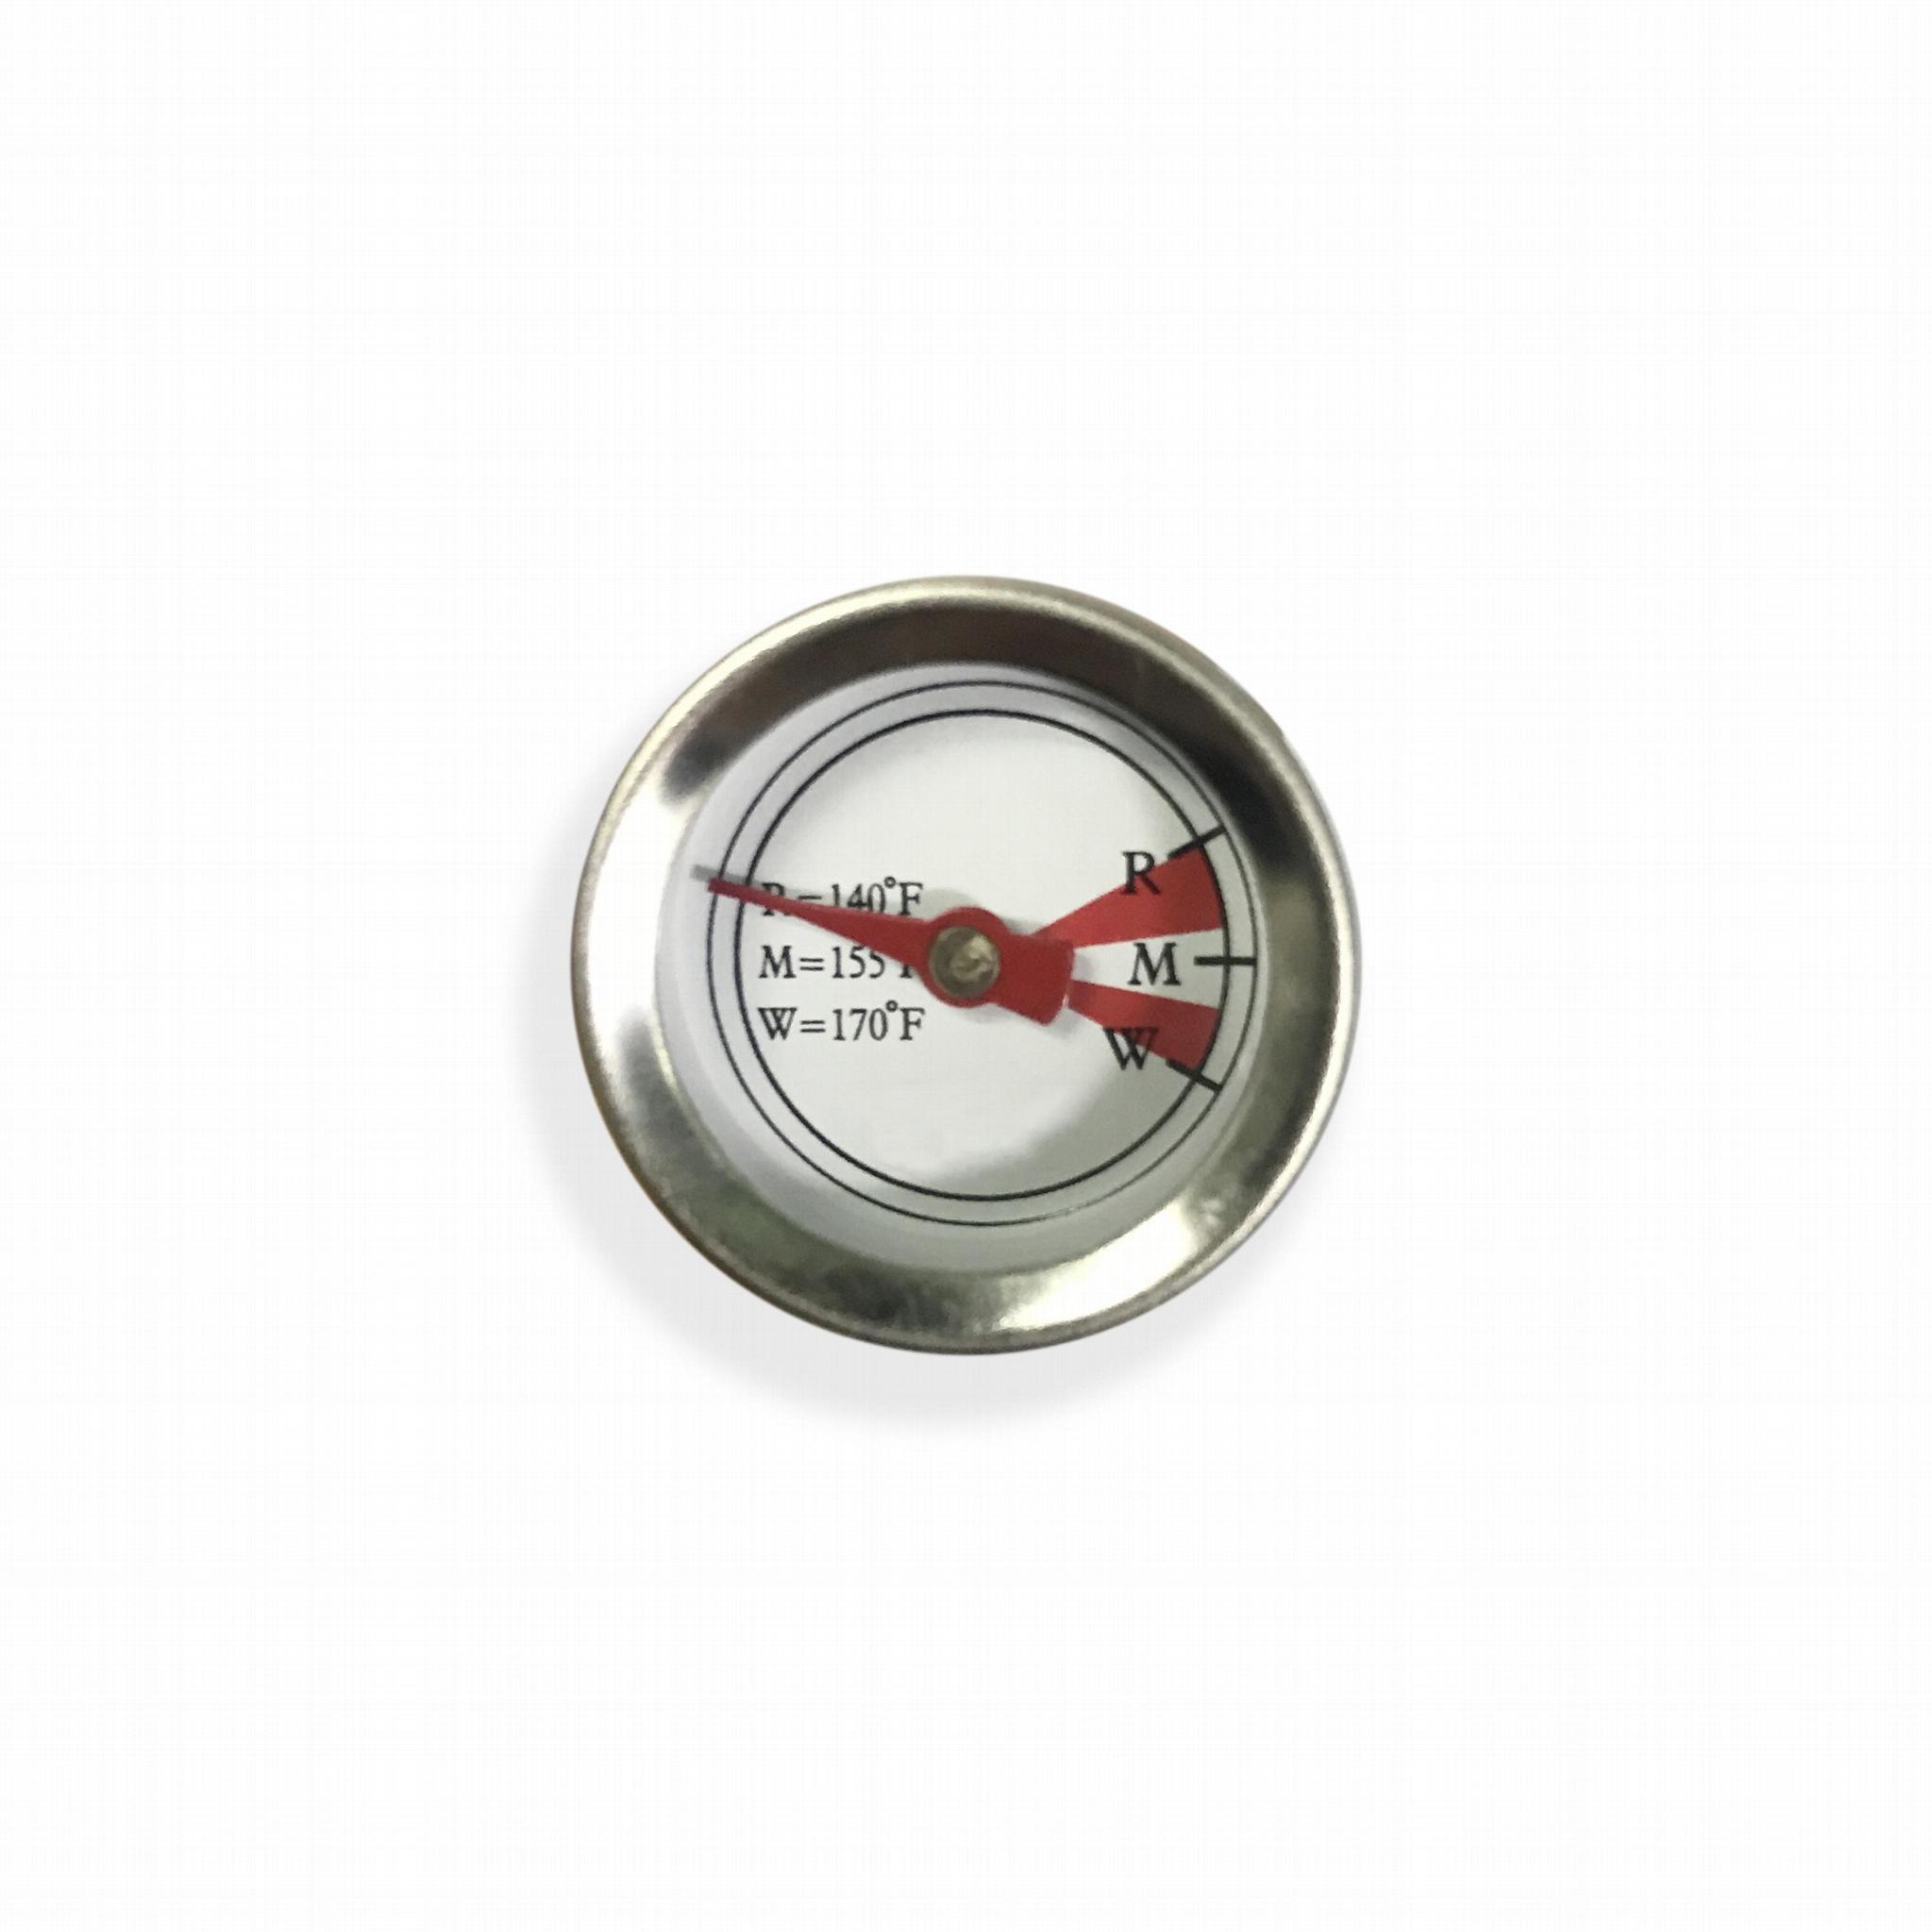 吉利 食品温度计探针烤肉温度计插入式食品温度计不锈钢材质 2